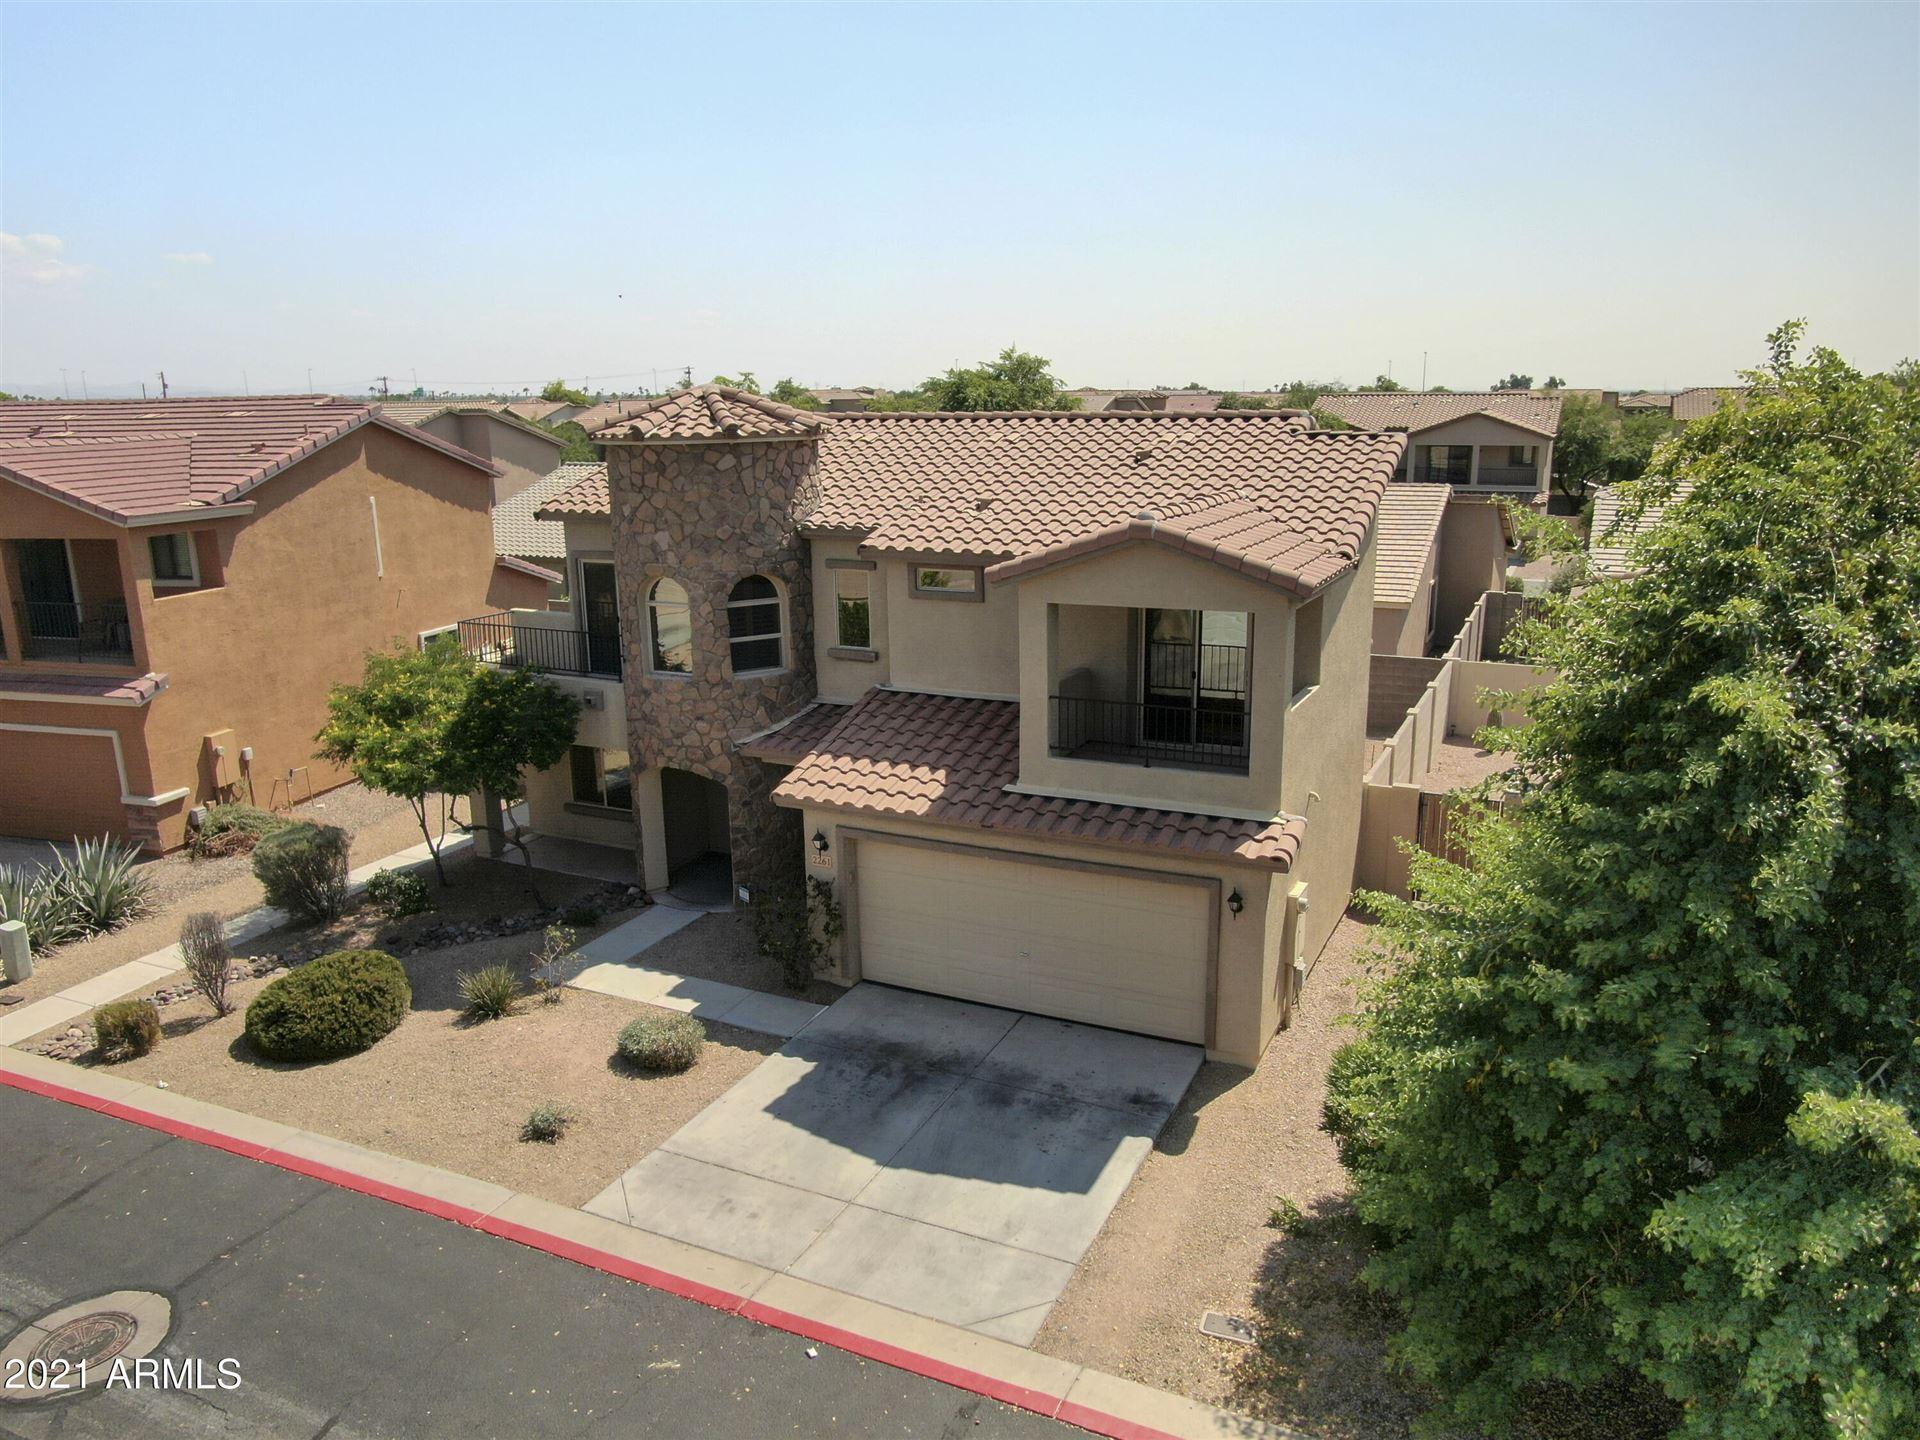 Photo of 2261 E COCHISE Avenue, Apache Junction, AZ 85119 (MLS # 6294480)